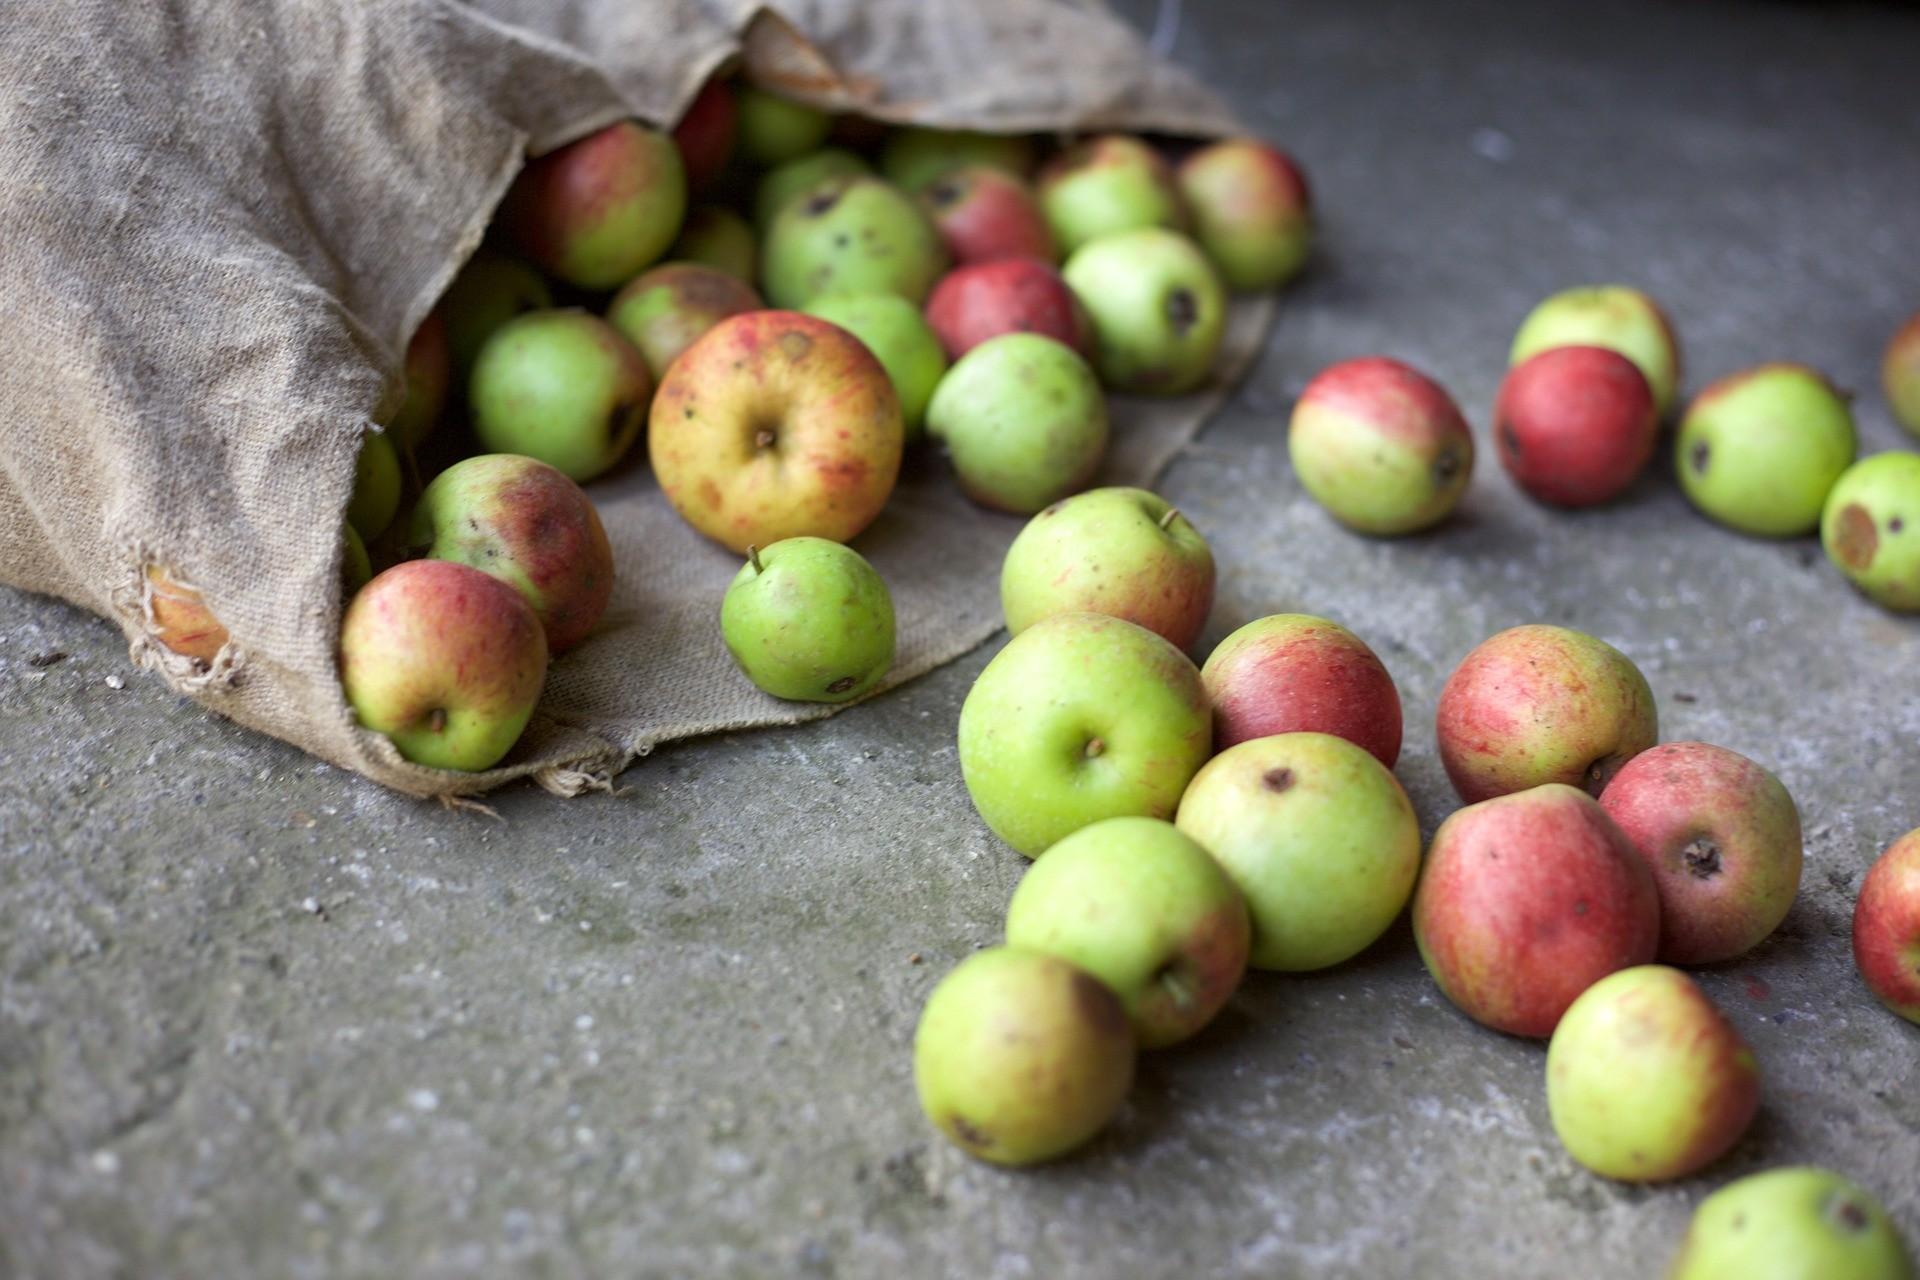 ▲剩食,爛水果,食物浪費。(圖/取自免費圖庫Pixabay)